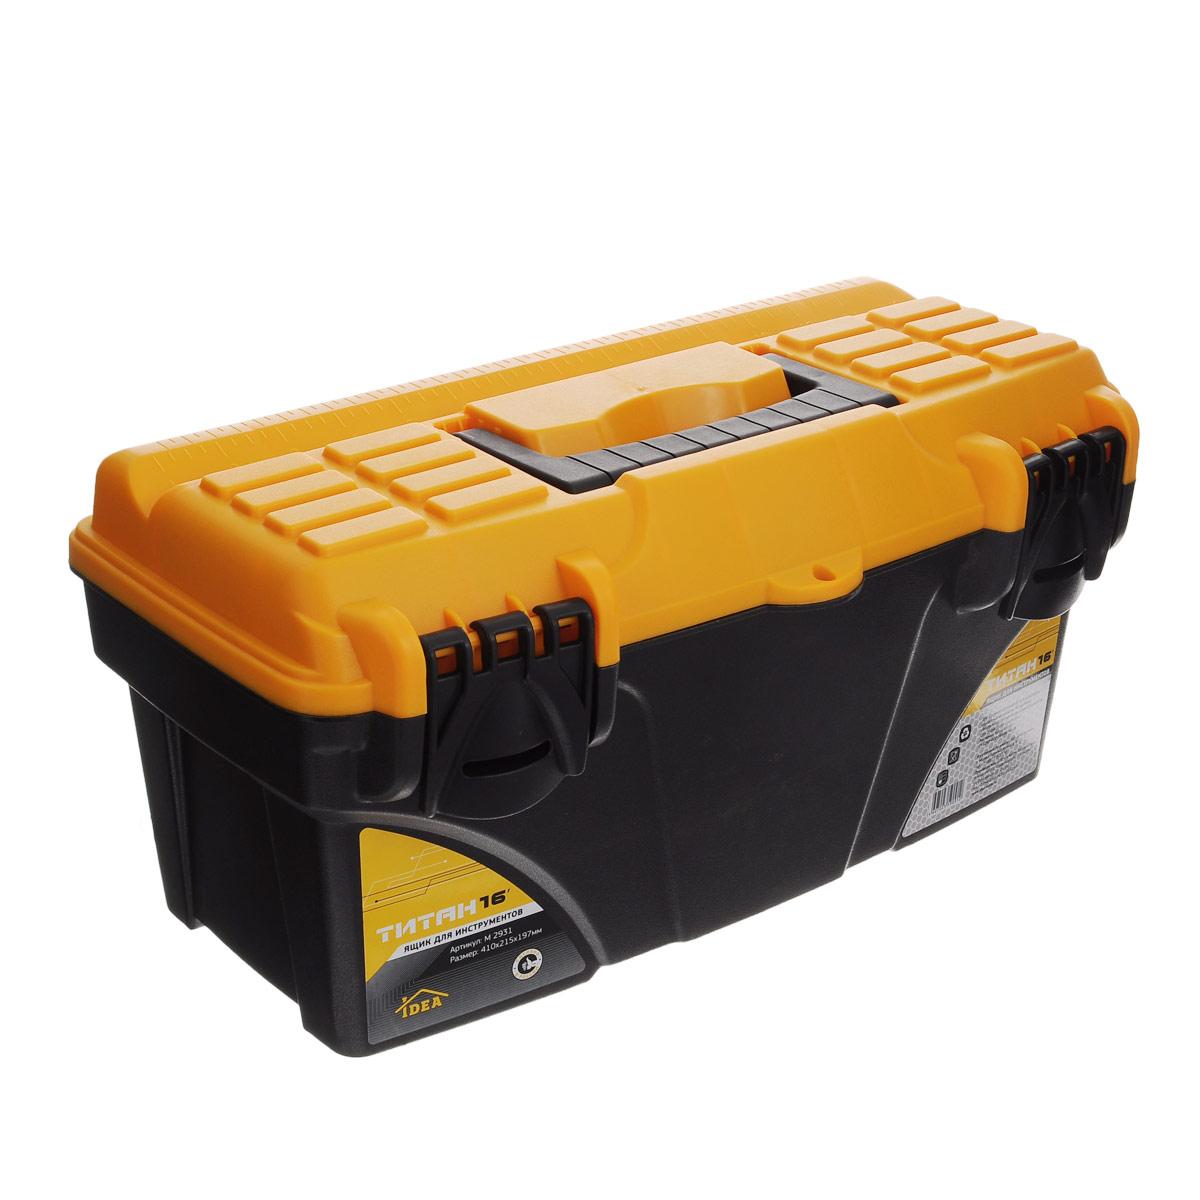 Ящик для инструментов Idea Титан 16, 41 х 21,5 х 19,7 см98298123_черныйЯщик Idea Титан 16 изготовлен из прочного пластика и предназначен для хранения и переноски инструментов. Вместительный ящик внутри имеет большое главное отделение. В комплект входит съемный лоток с ручкой для инструментов. Для более комфортного переноса в руках, на крышке предусмотрена удобная ручка. Крышка оснащена линейкой. Ящик закрывается при помощи двух защелок, которые не допускают случайного открывания. Размер лотка: 39 см х 17 см х 5,5 см.